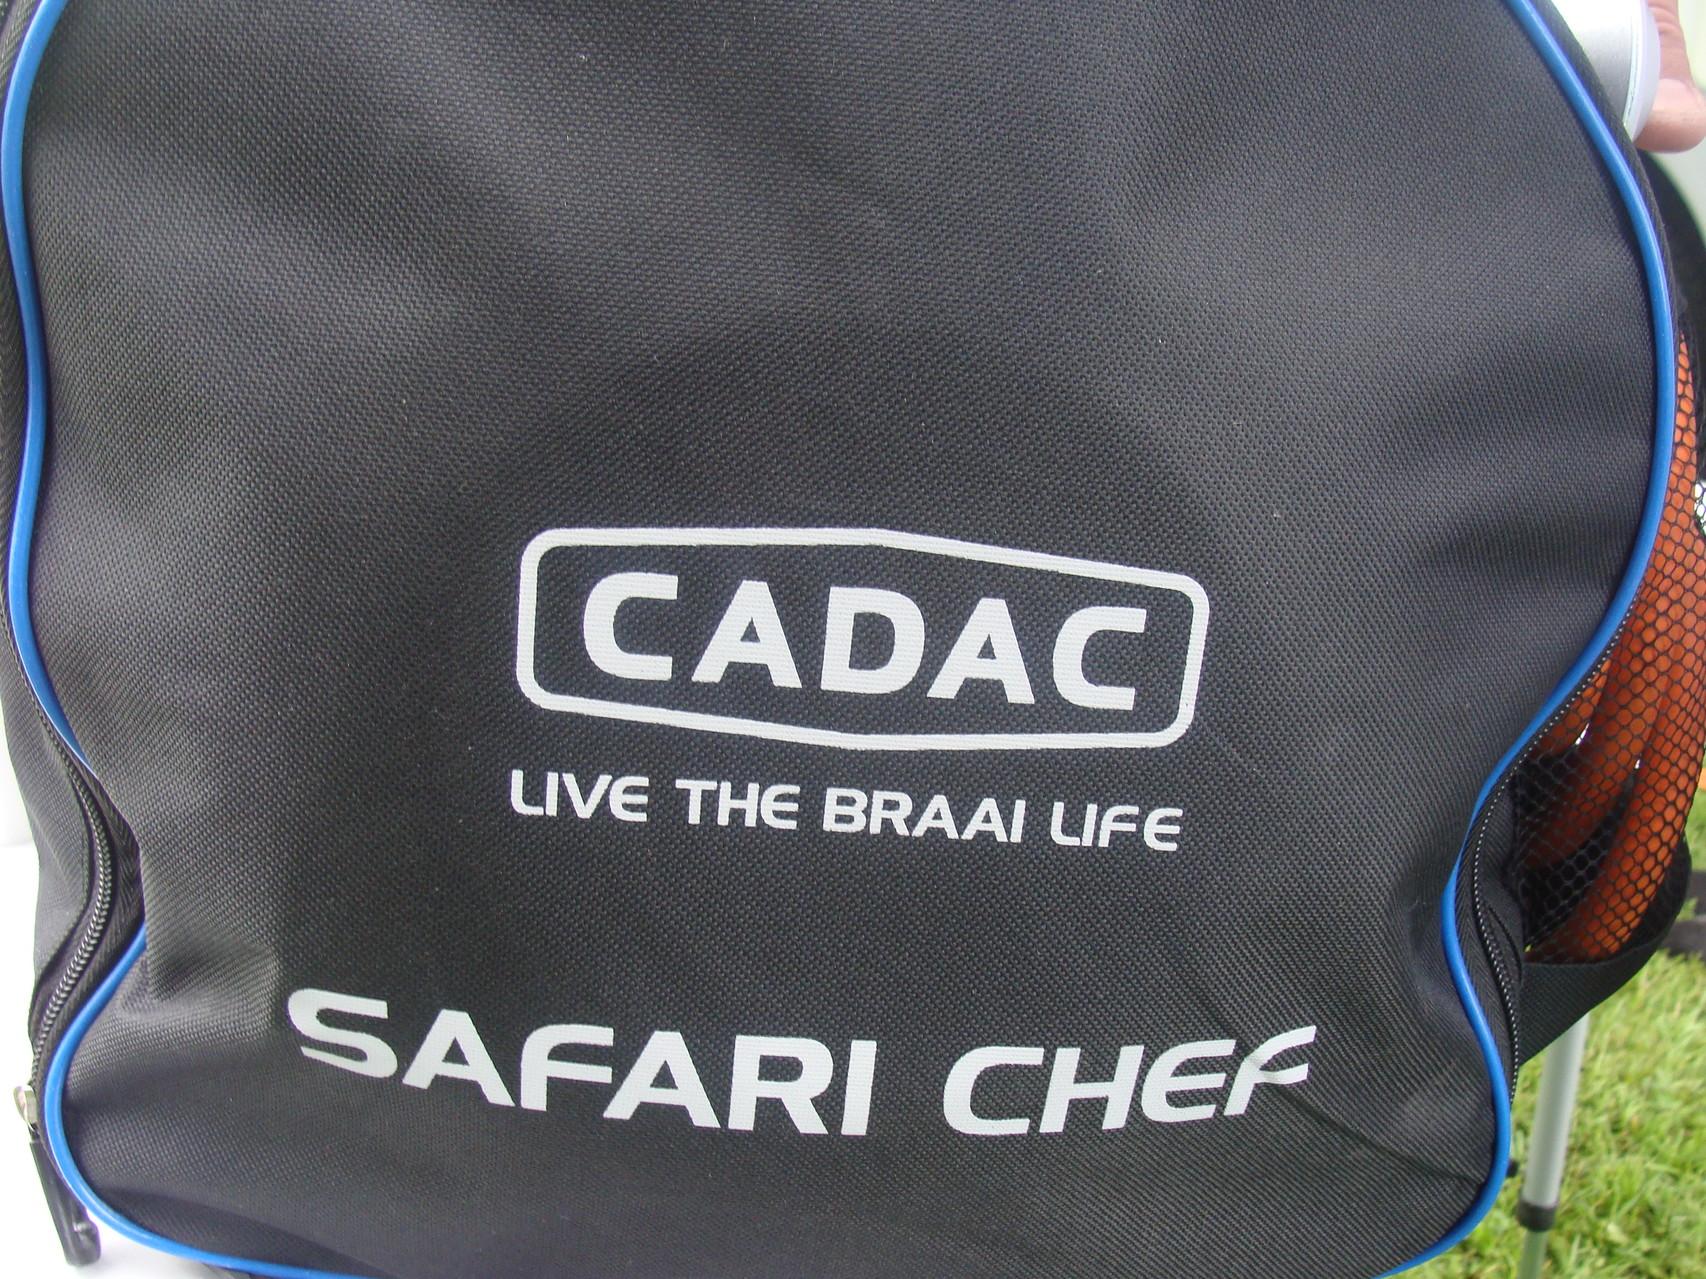 Ordentlich verpackt ist der Cadac Safari Chef